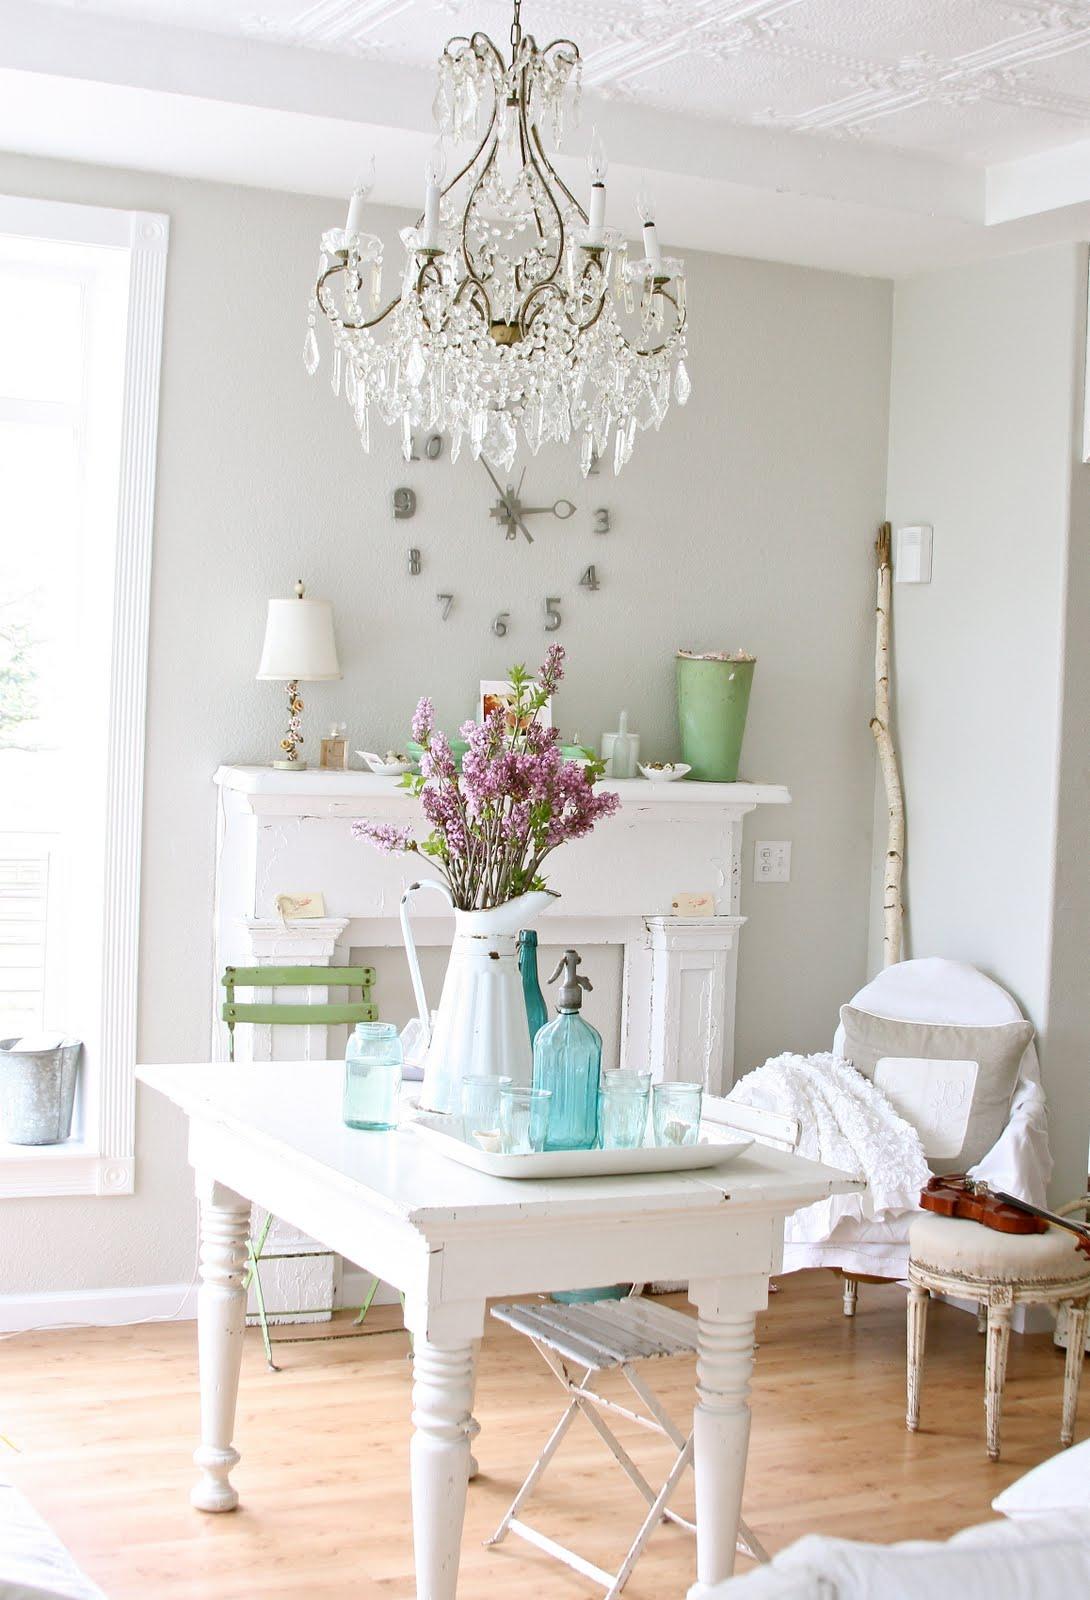 Интерьер в стиле прованс не будет завершенным, если его не будет украшать кованная люстра с хрустальным декором